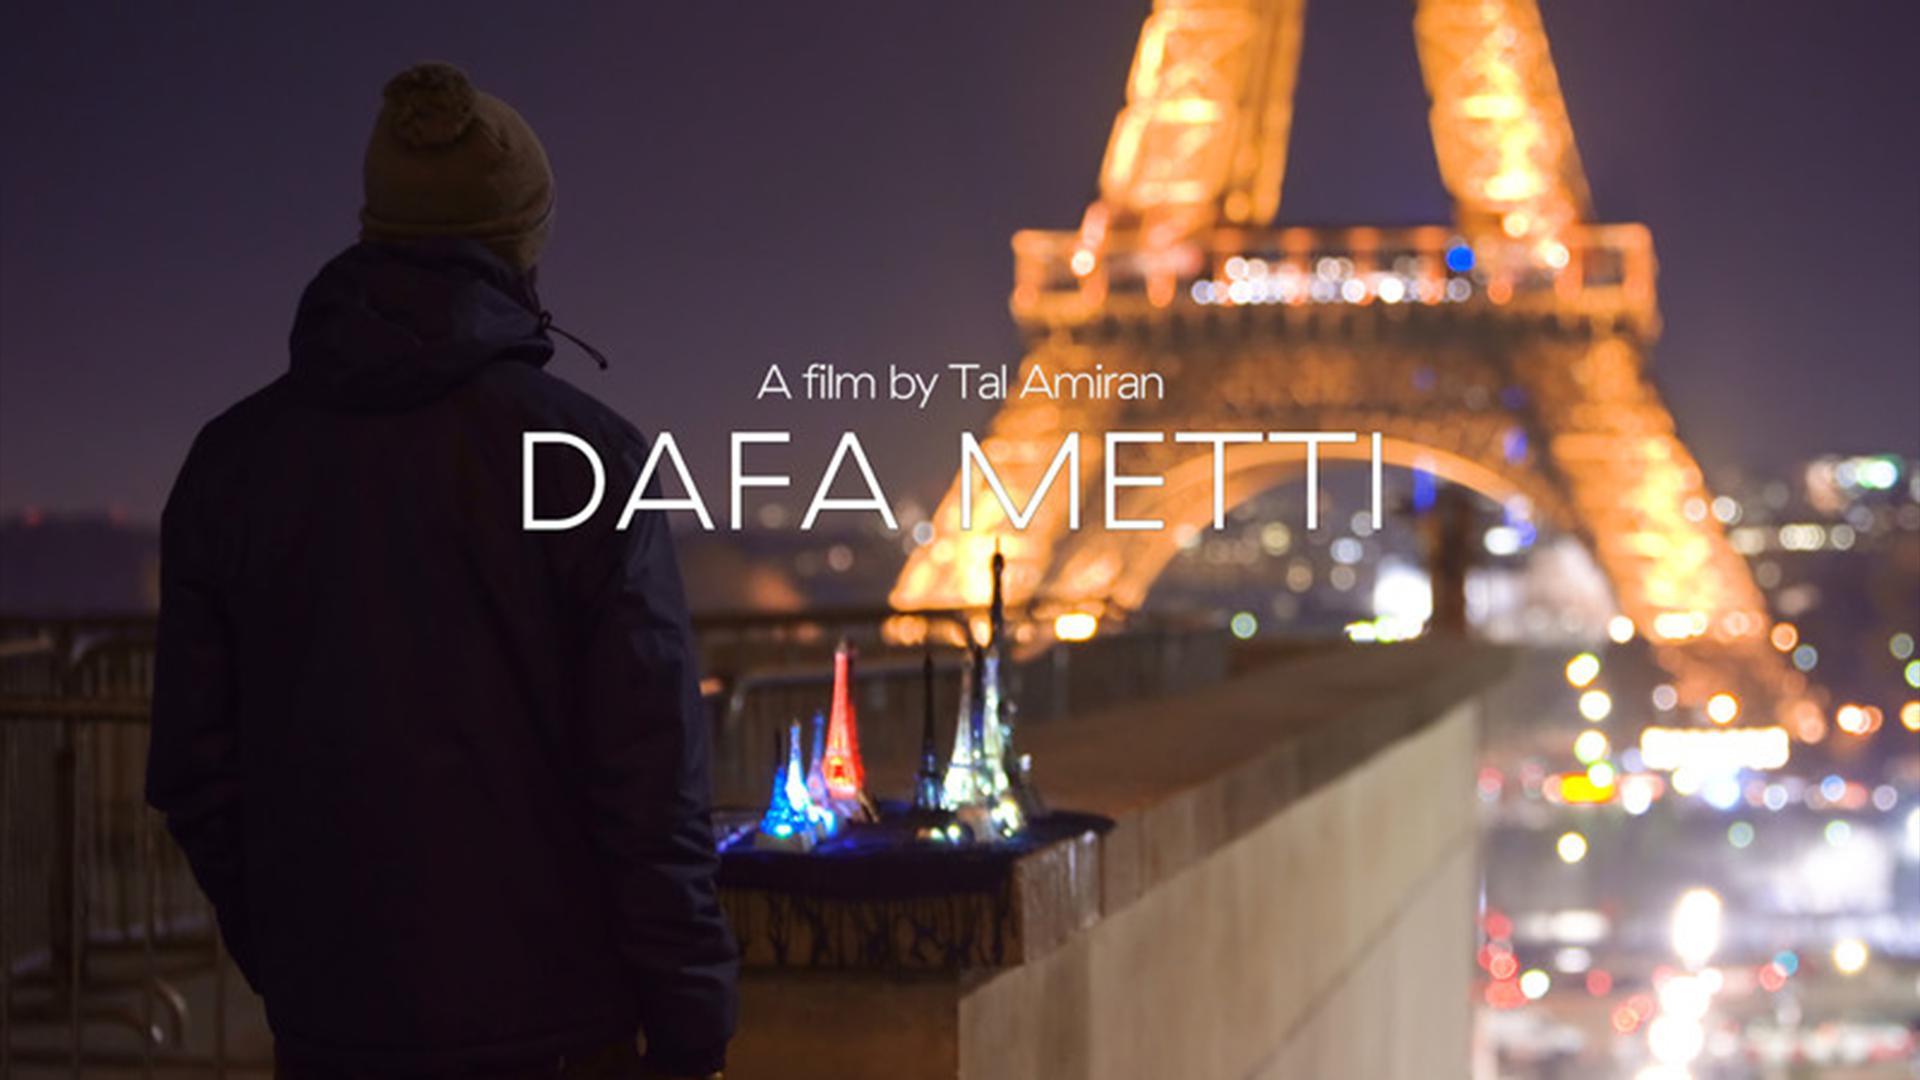 Dafa Metti (Difficult)